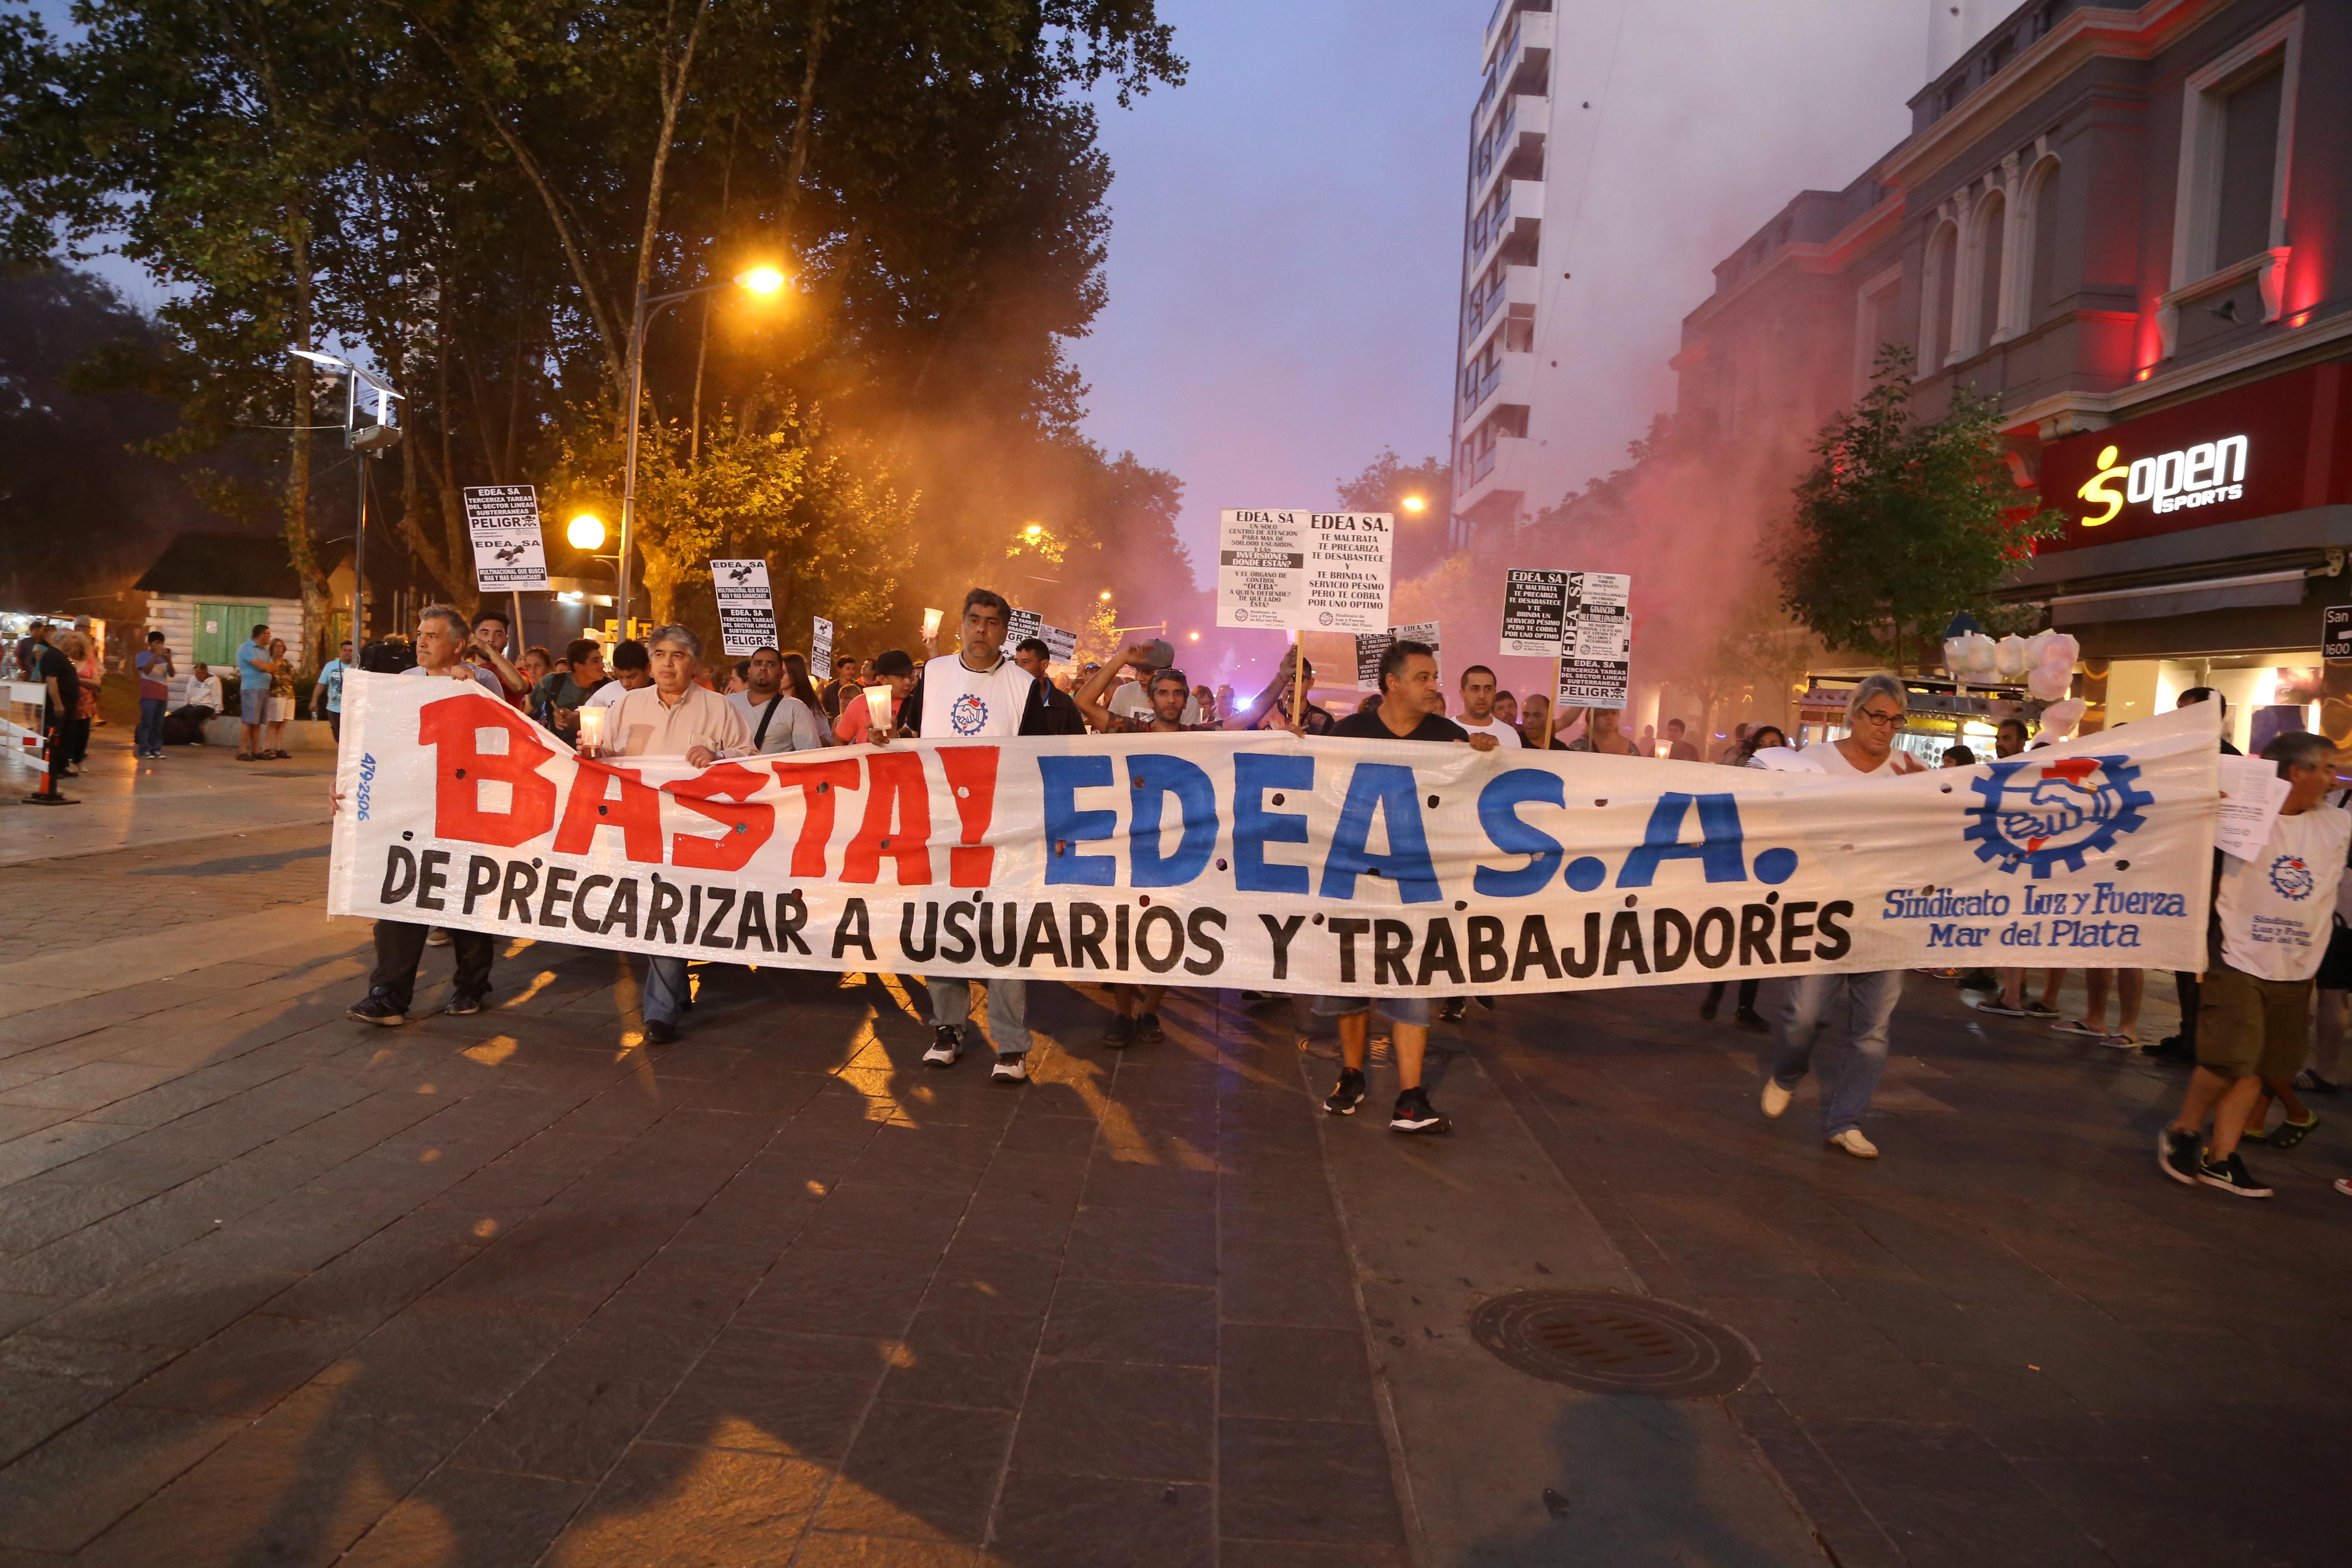 SE REALIZÓ LA MARCHA DE LAS VELAS CONTRA EDEA S.A.